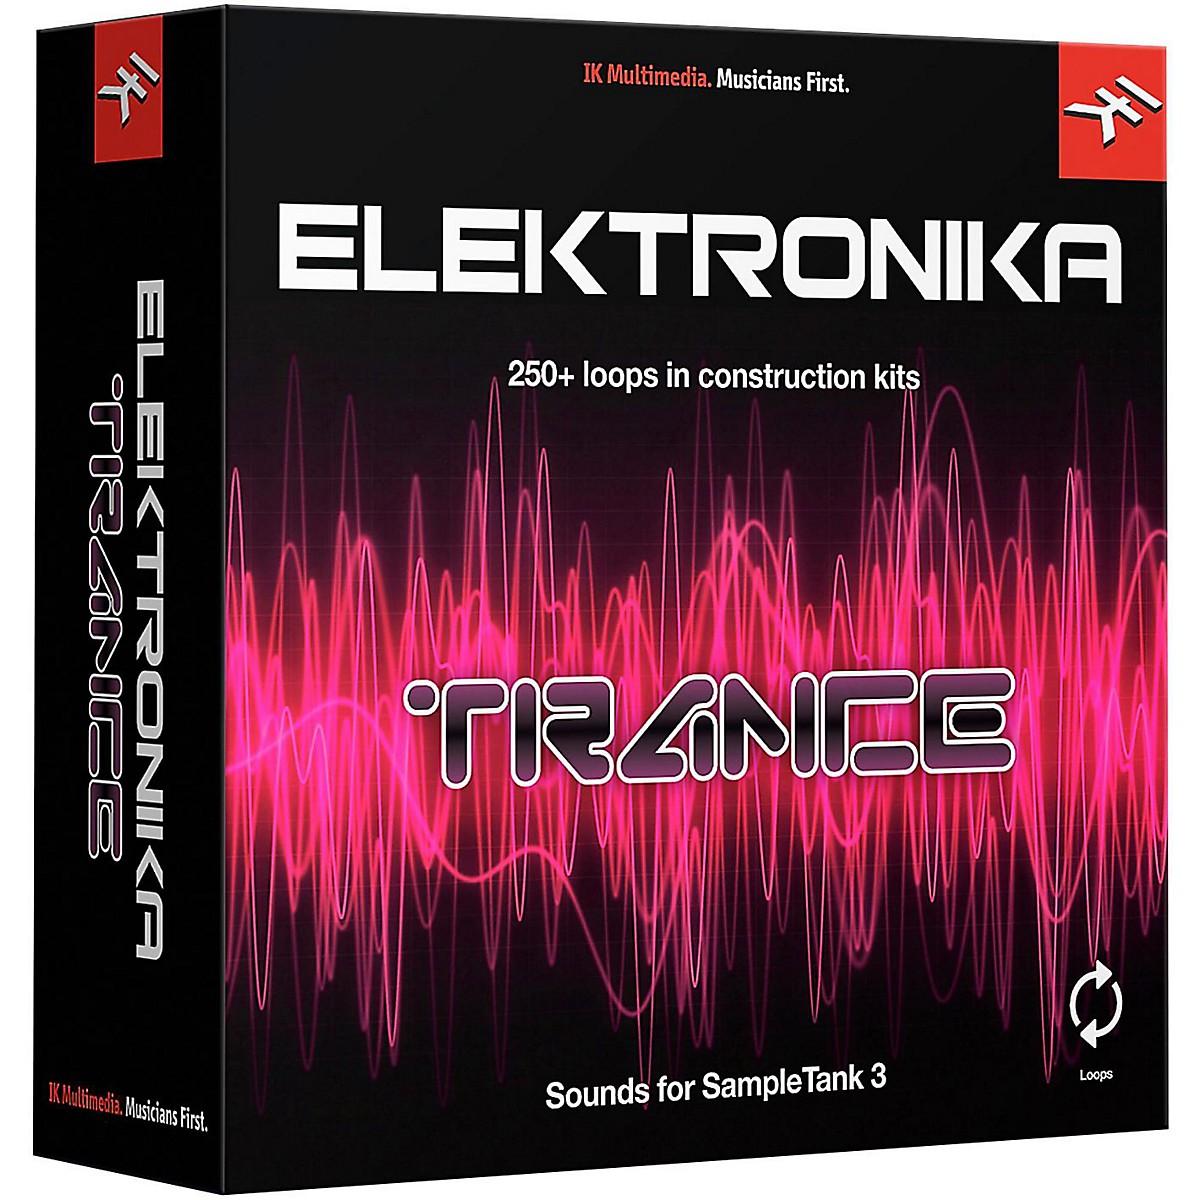 IK Multimedia SampleTank 3 Electronika Series - Trance